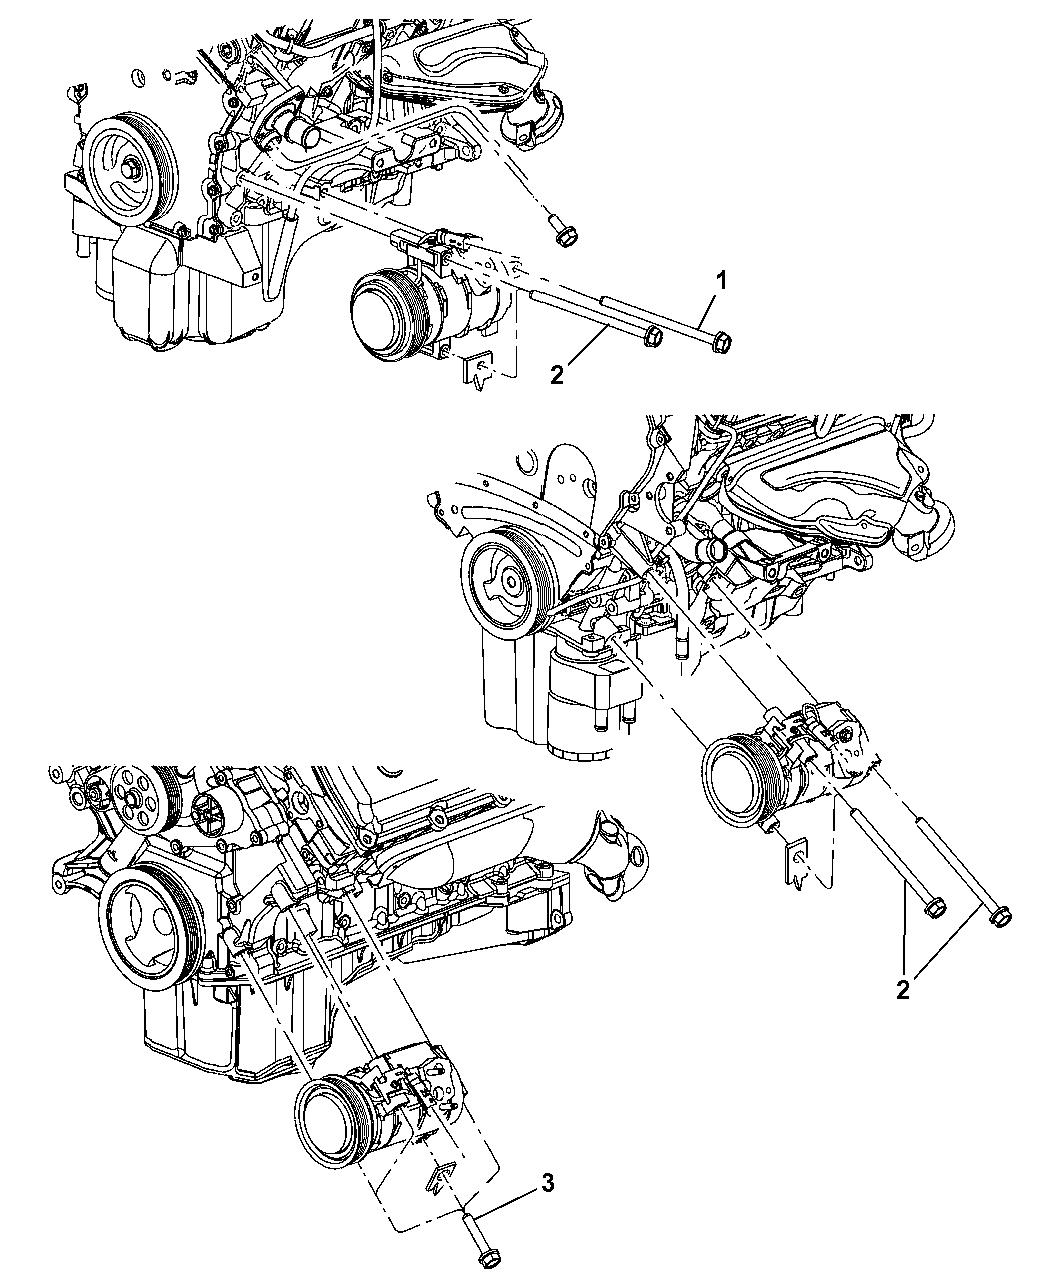 2005 Dodge Magnum Pump Engine Diagram